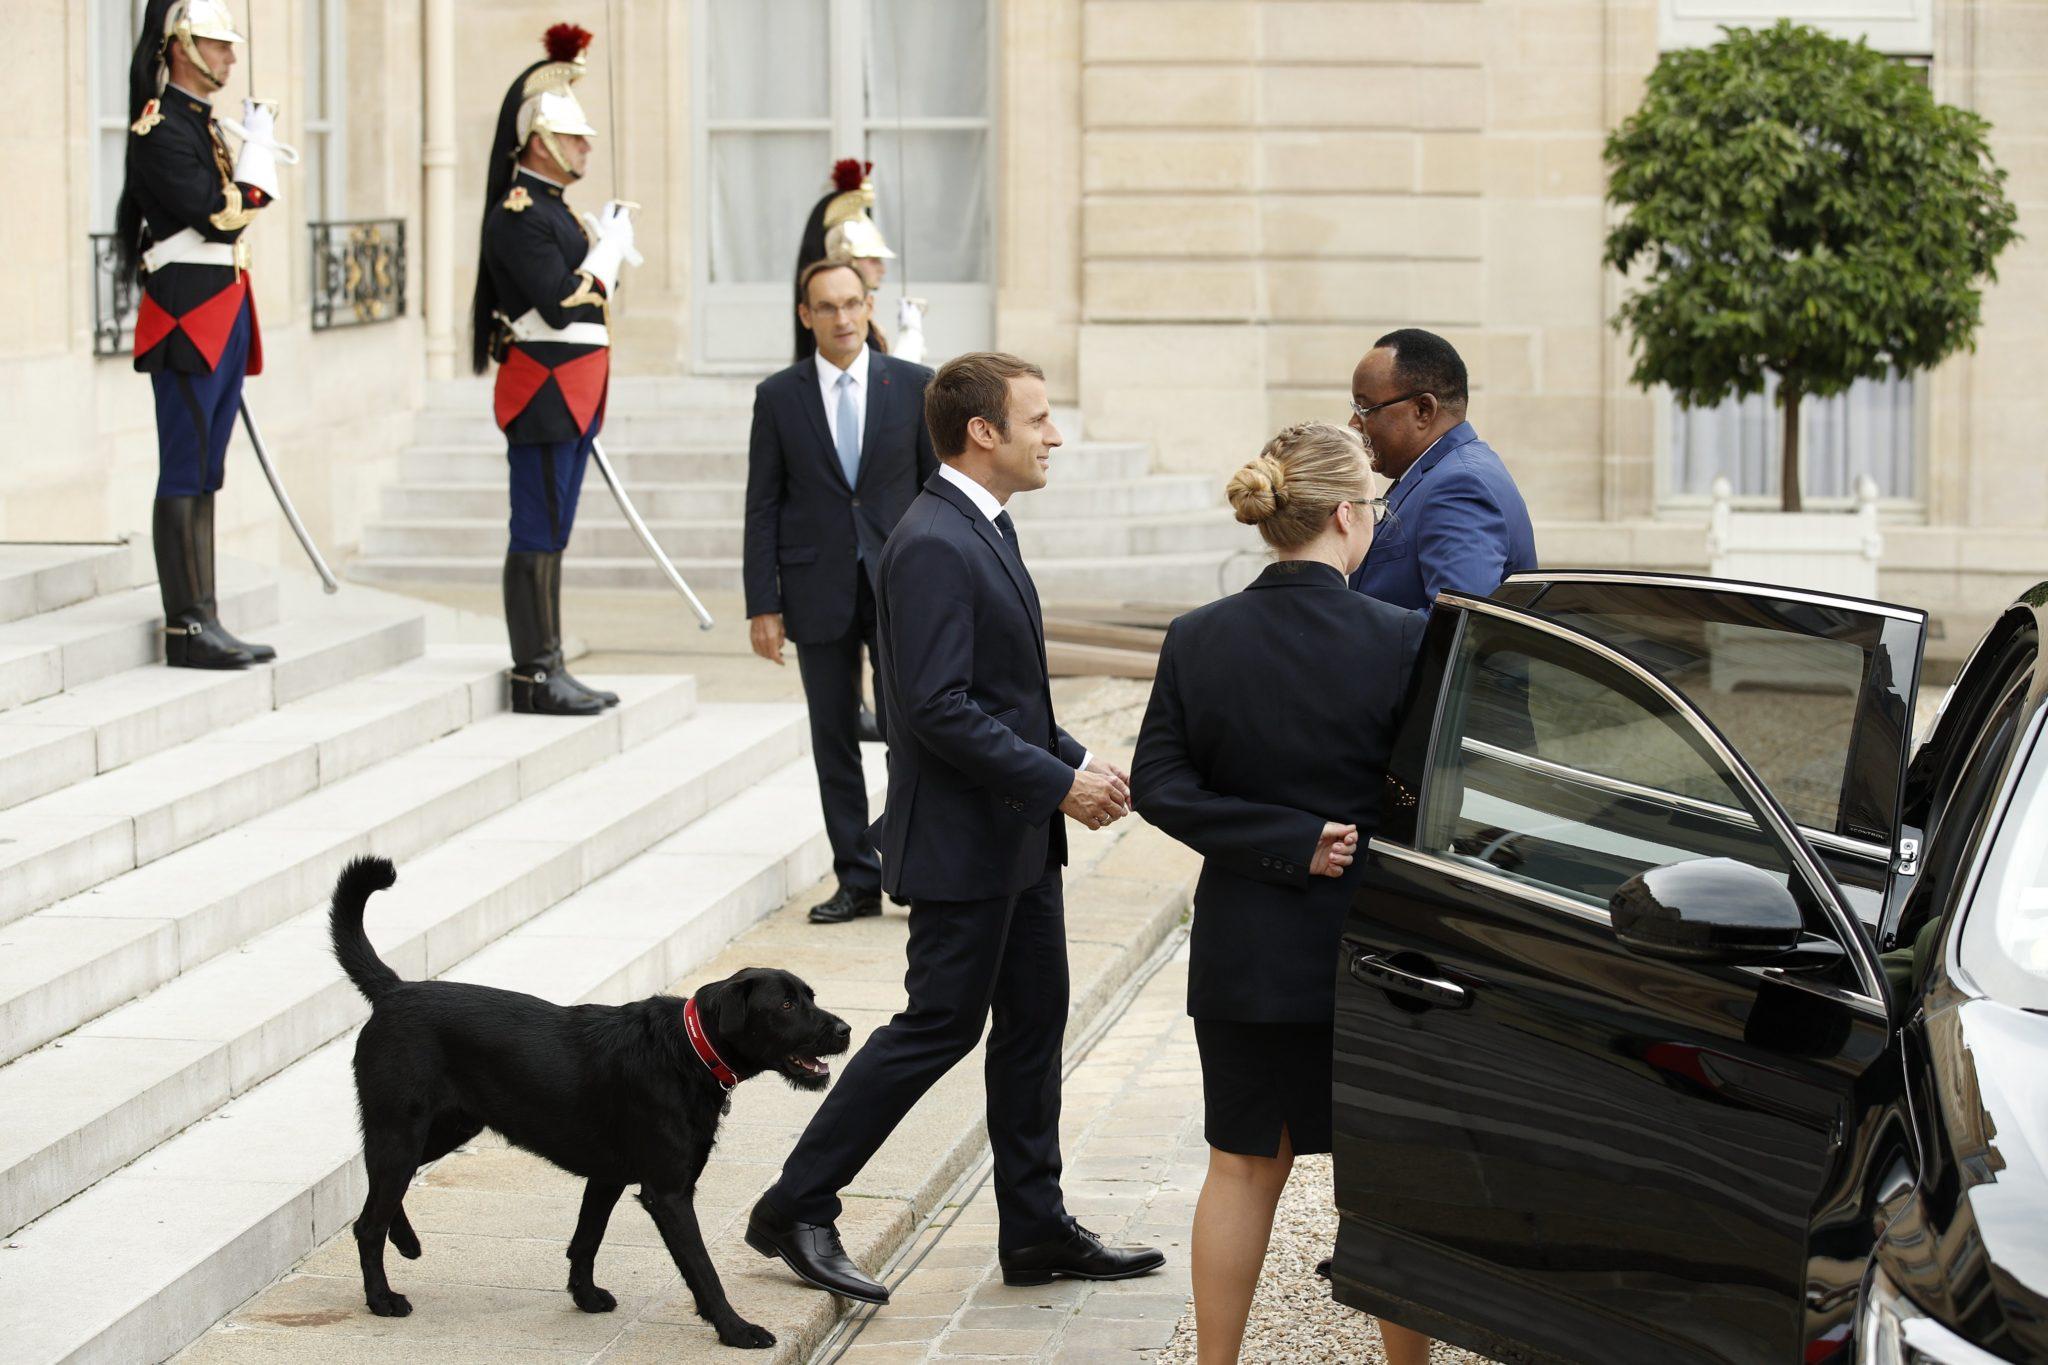 Prezydent Francji wizyta prezydenta Nigerii, rozmowy między innymi o migracji, fot: Yoan Valat, PAP/EPA